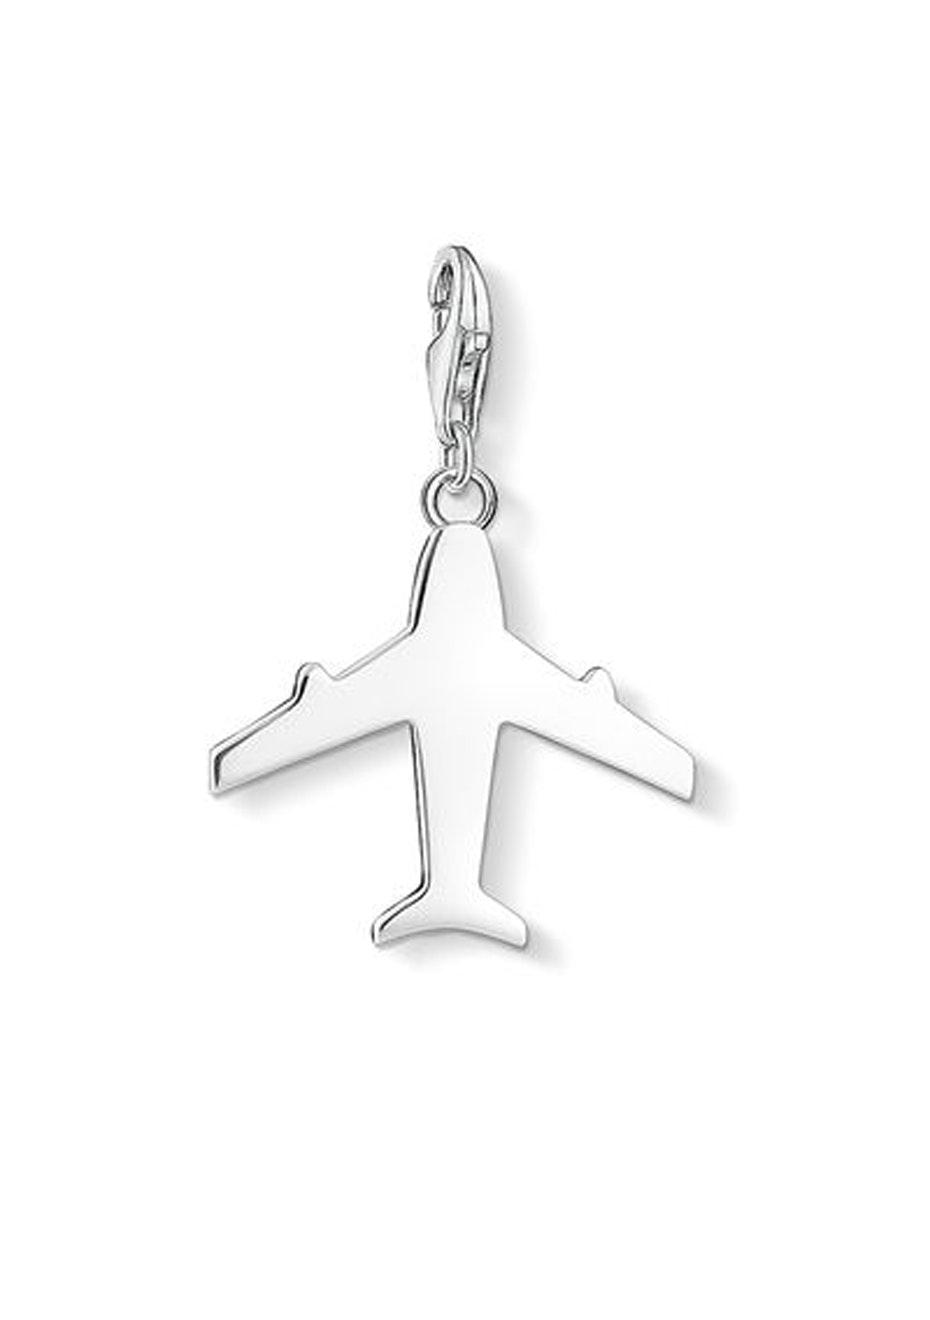 Thomas Sabo  - Charm Club - Airplane